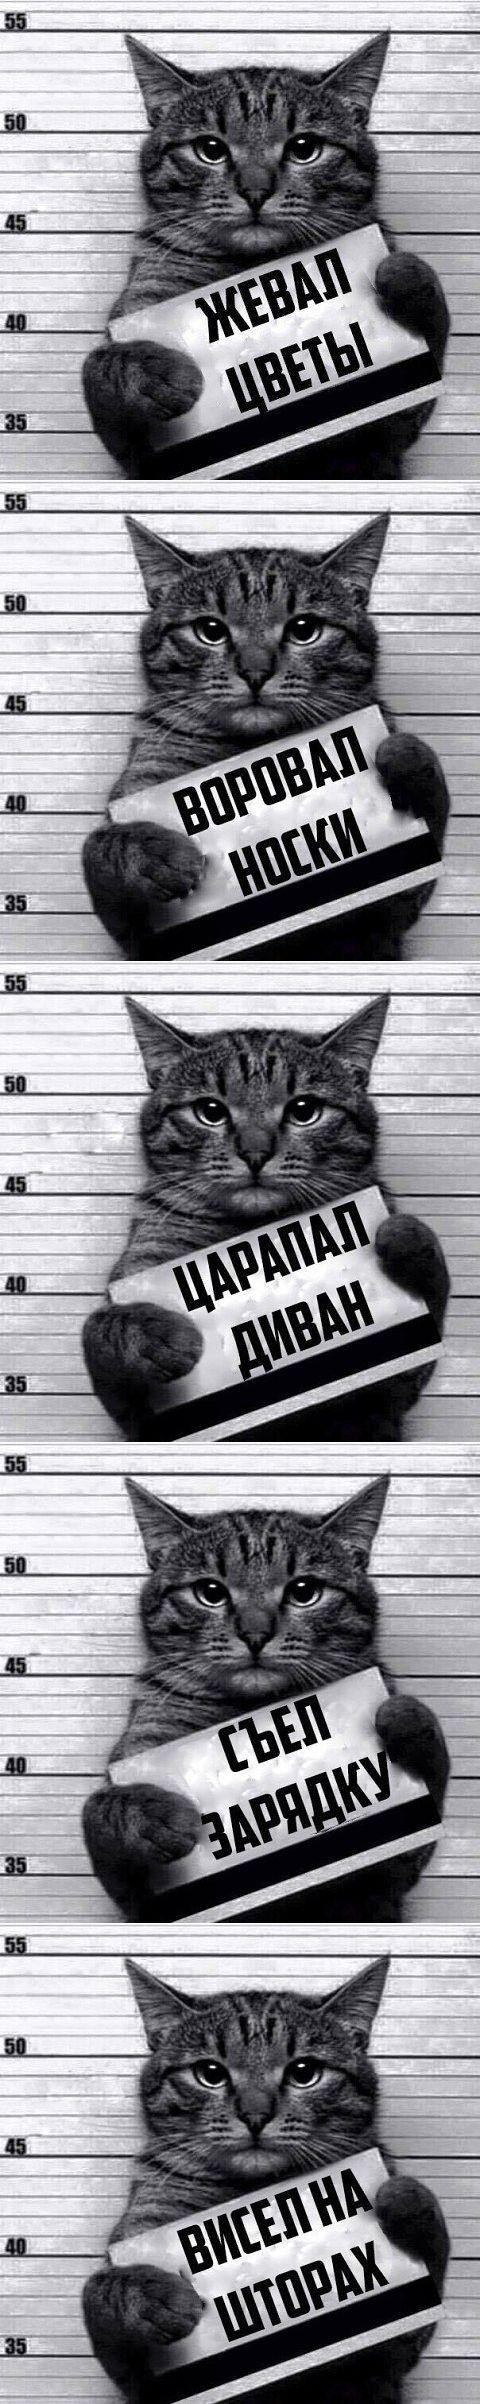 Рецидивист))